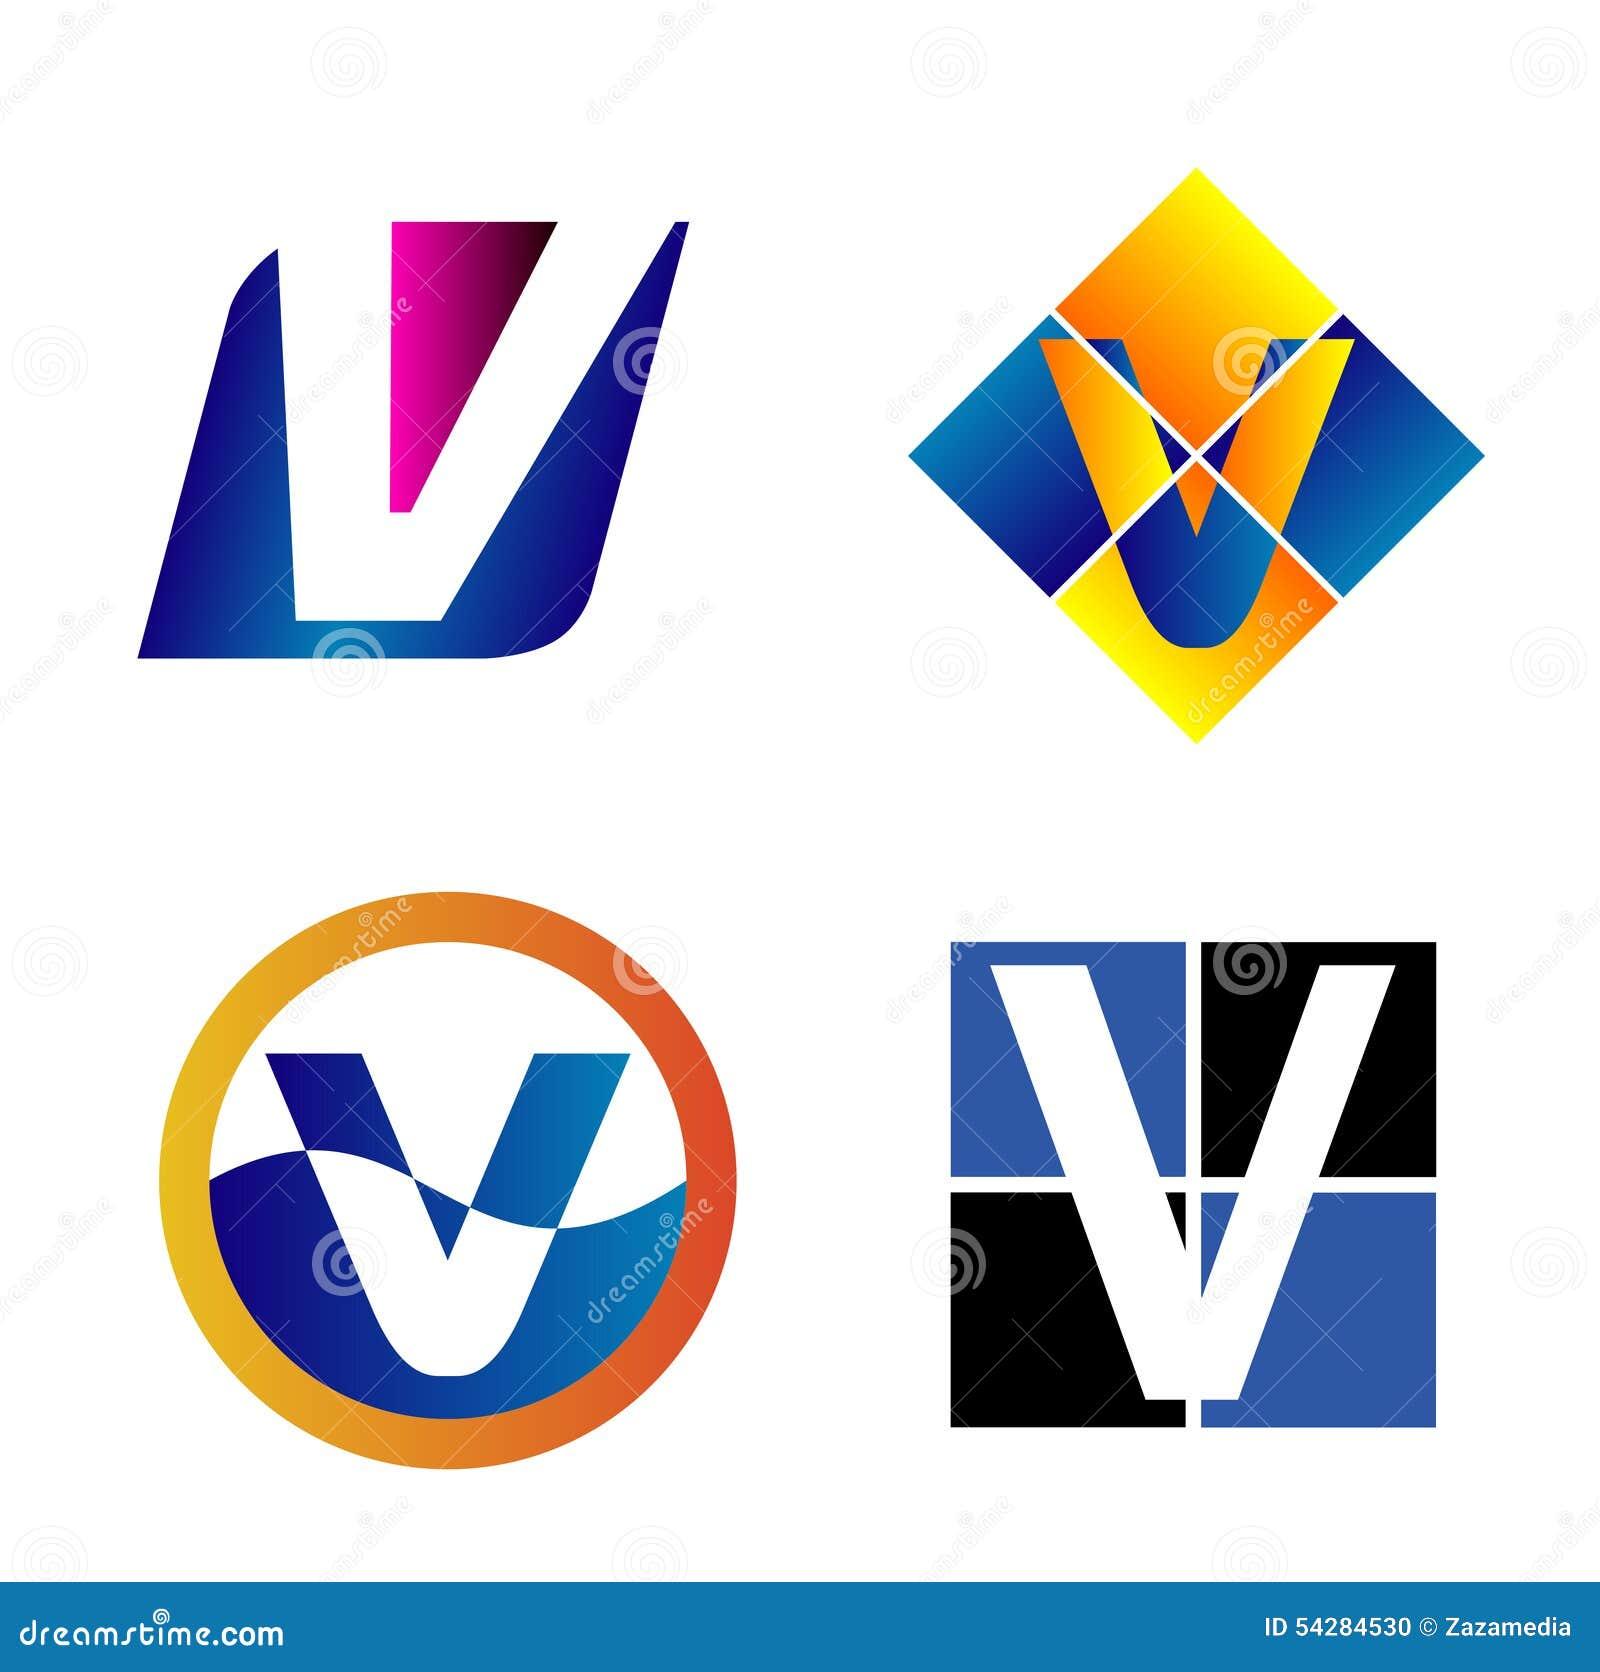 alphabetical logo design concepts letter v stock vector image alphabetical logo design concepts letter v